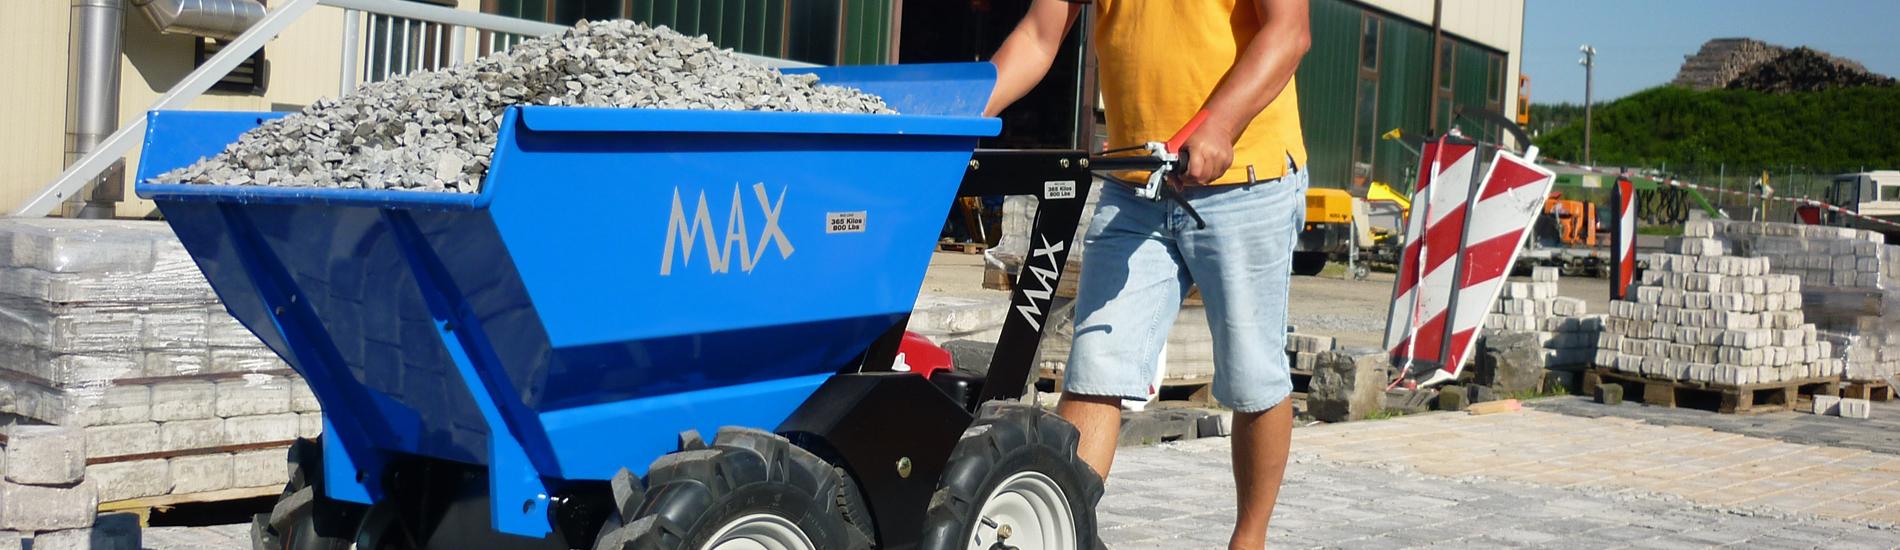 Muck Truck Max gas powered dumper